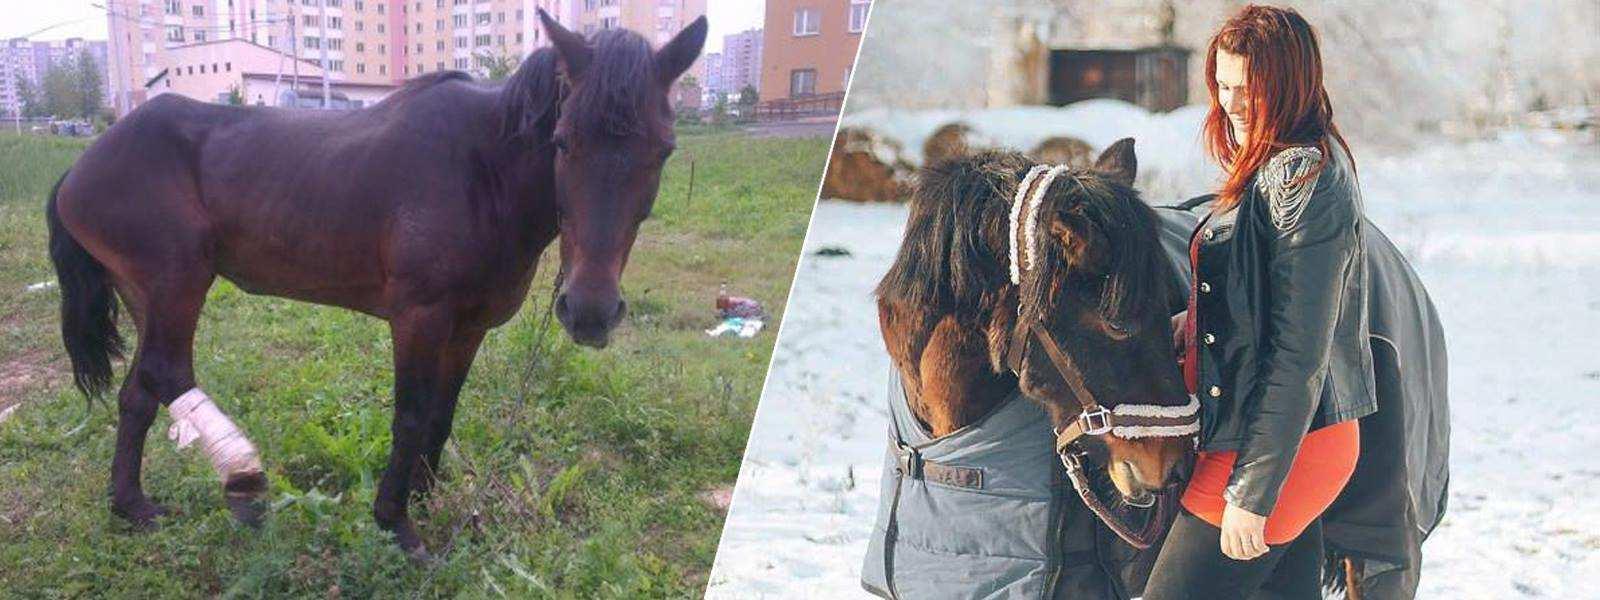 Из девушки сделали лошадь